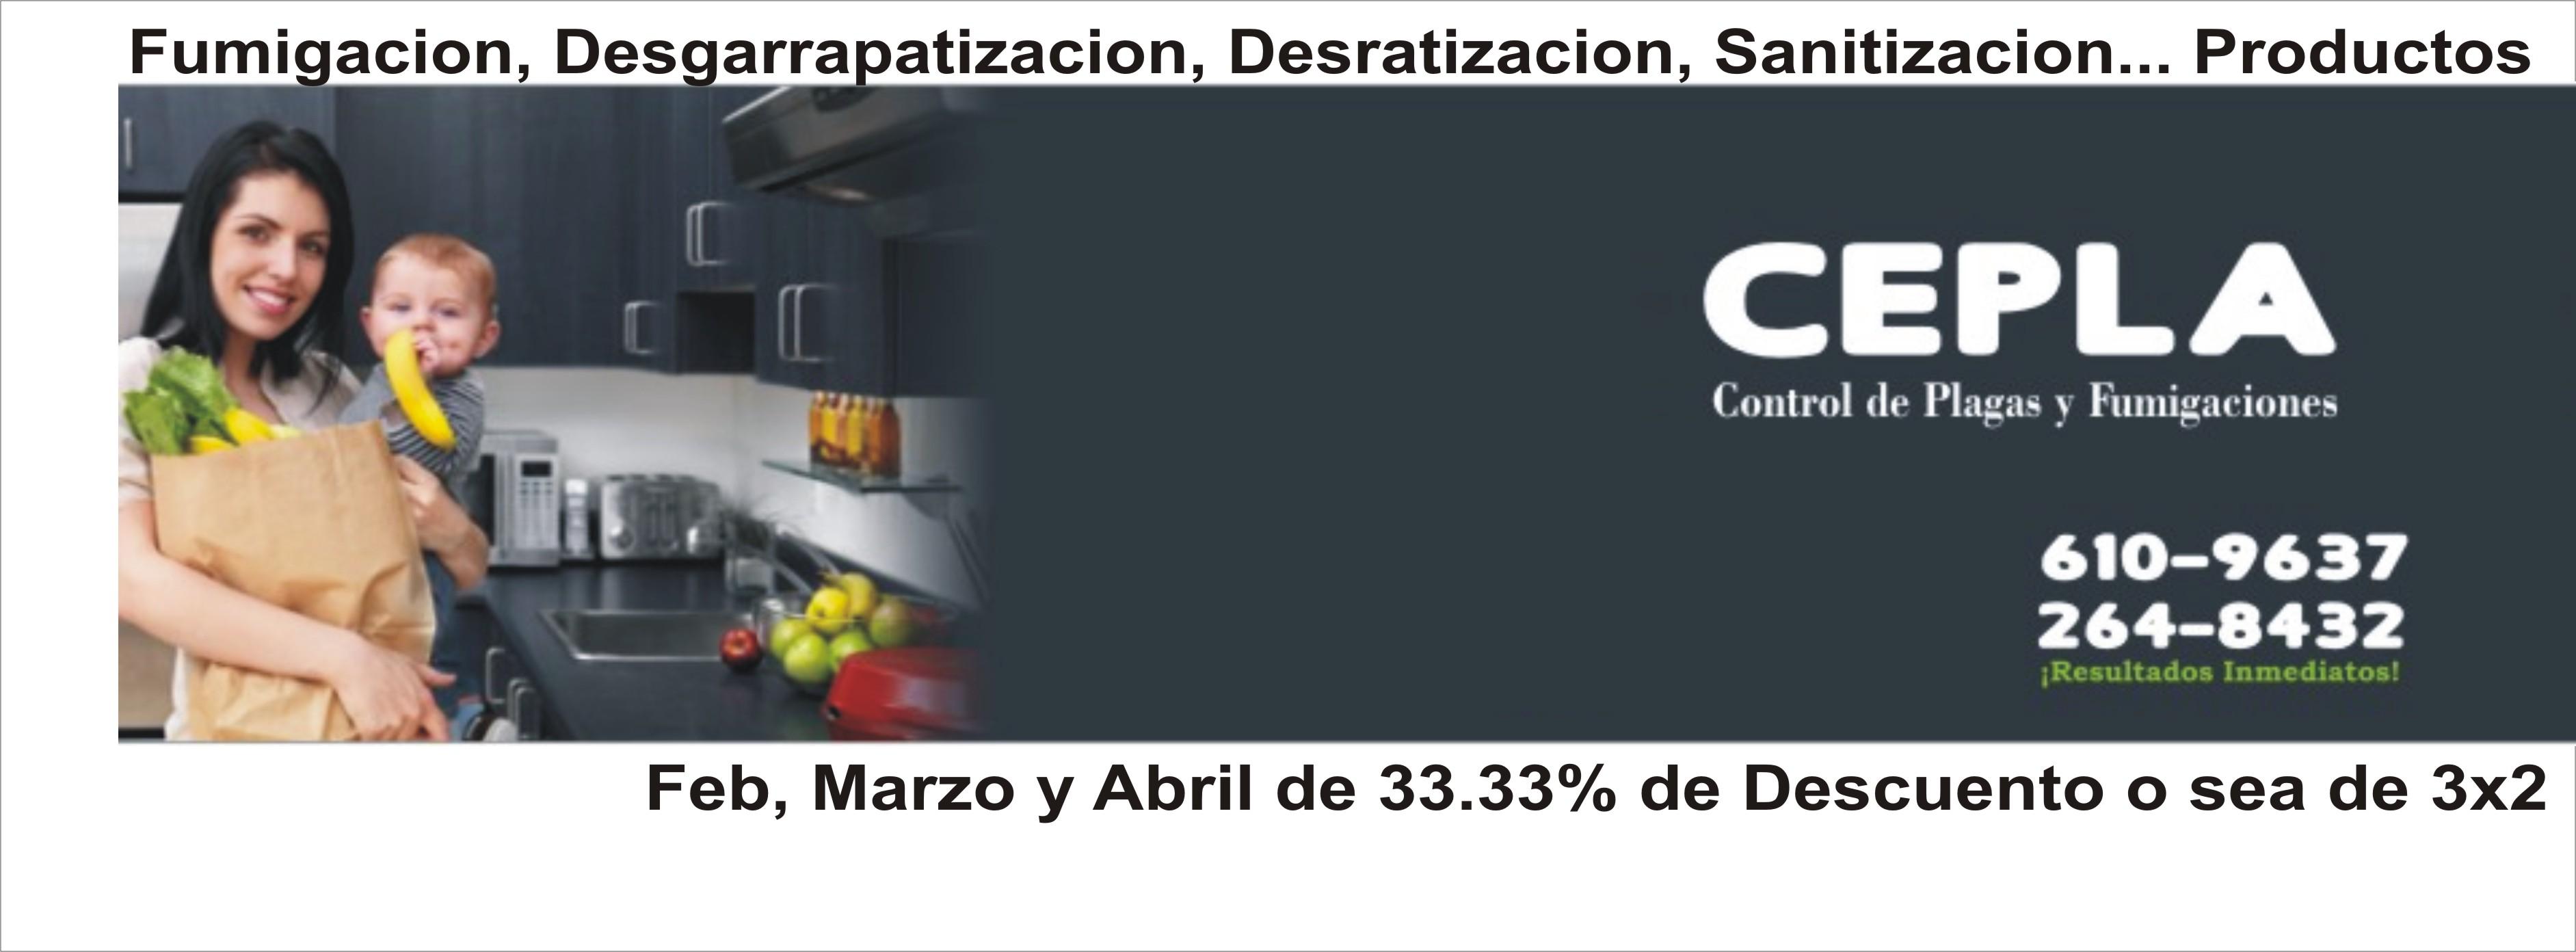 Foto de CEPLA Control de Plagas Y Fumigacion Juárez - Chihuahua